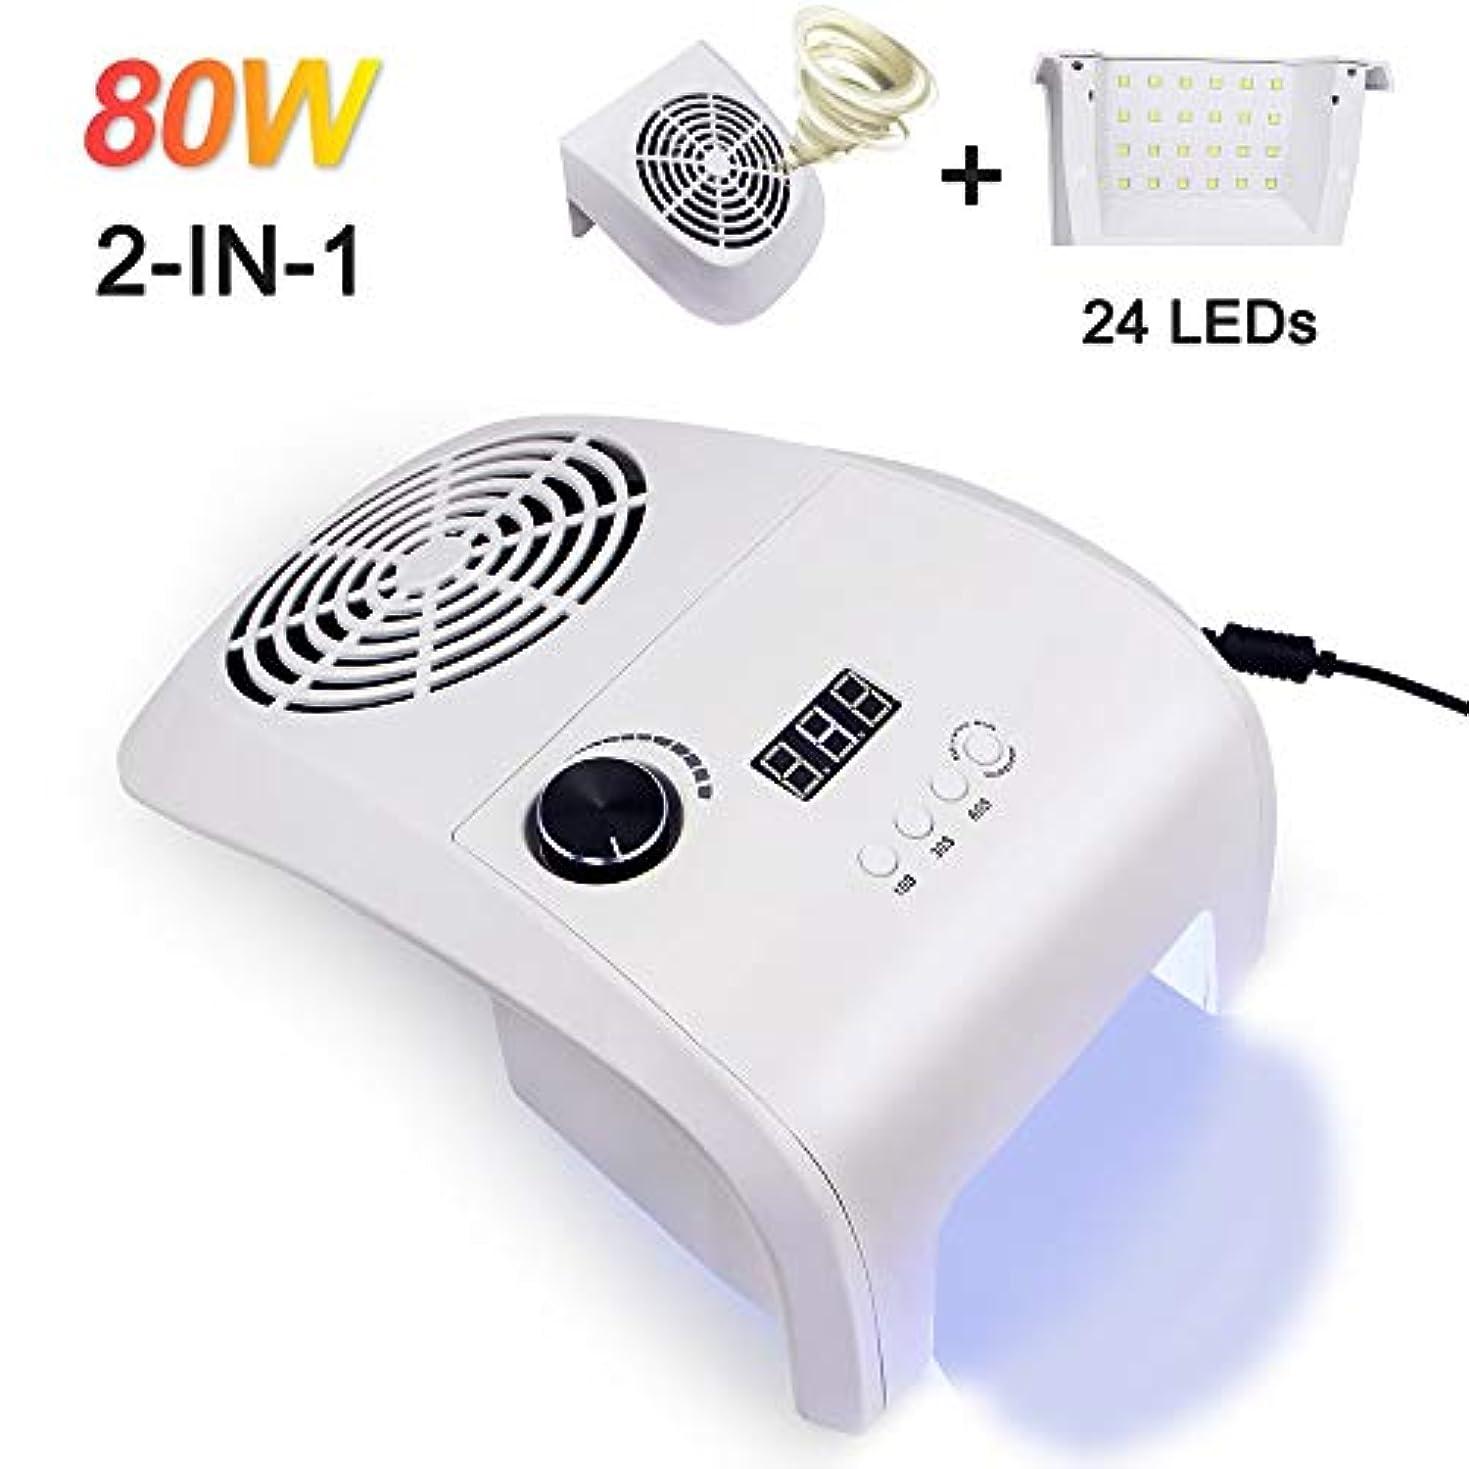 ライドシャーロックホームズモンク80W 2 in 1 爪 集塵機 吸引 24個 UV ネイルランプドライヤー と 調整可能な速度 ファン モーションセンシング 3タイミングモード 爪 アート ツール